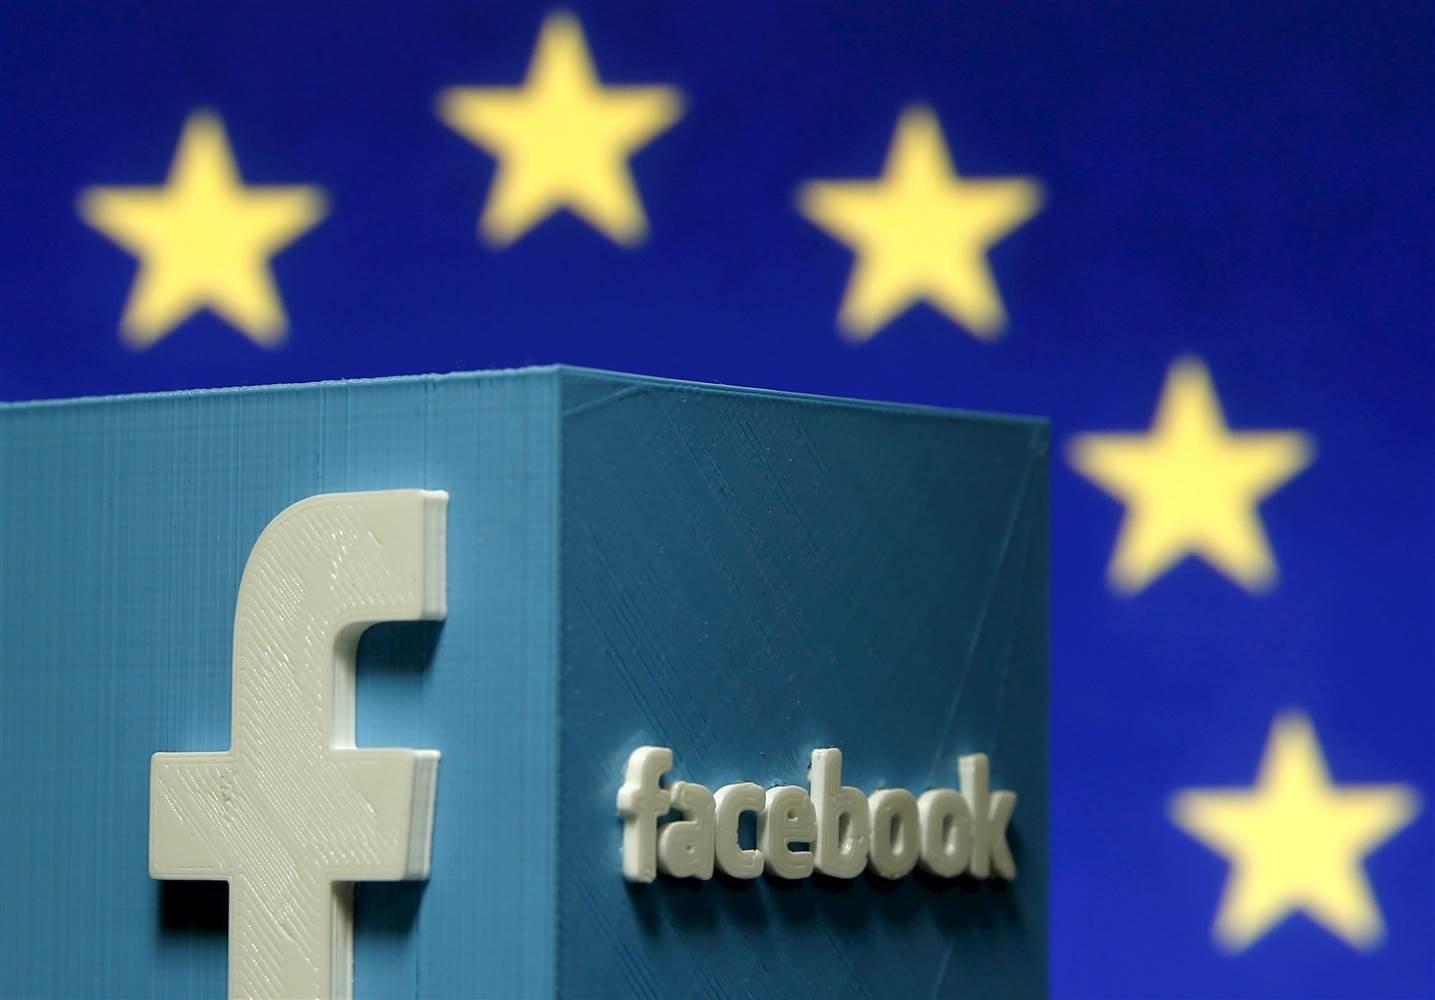 ВСША подали 1-ый иск против фейсбук